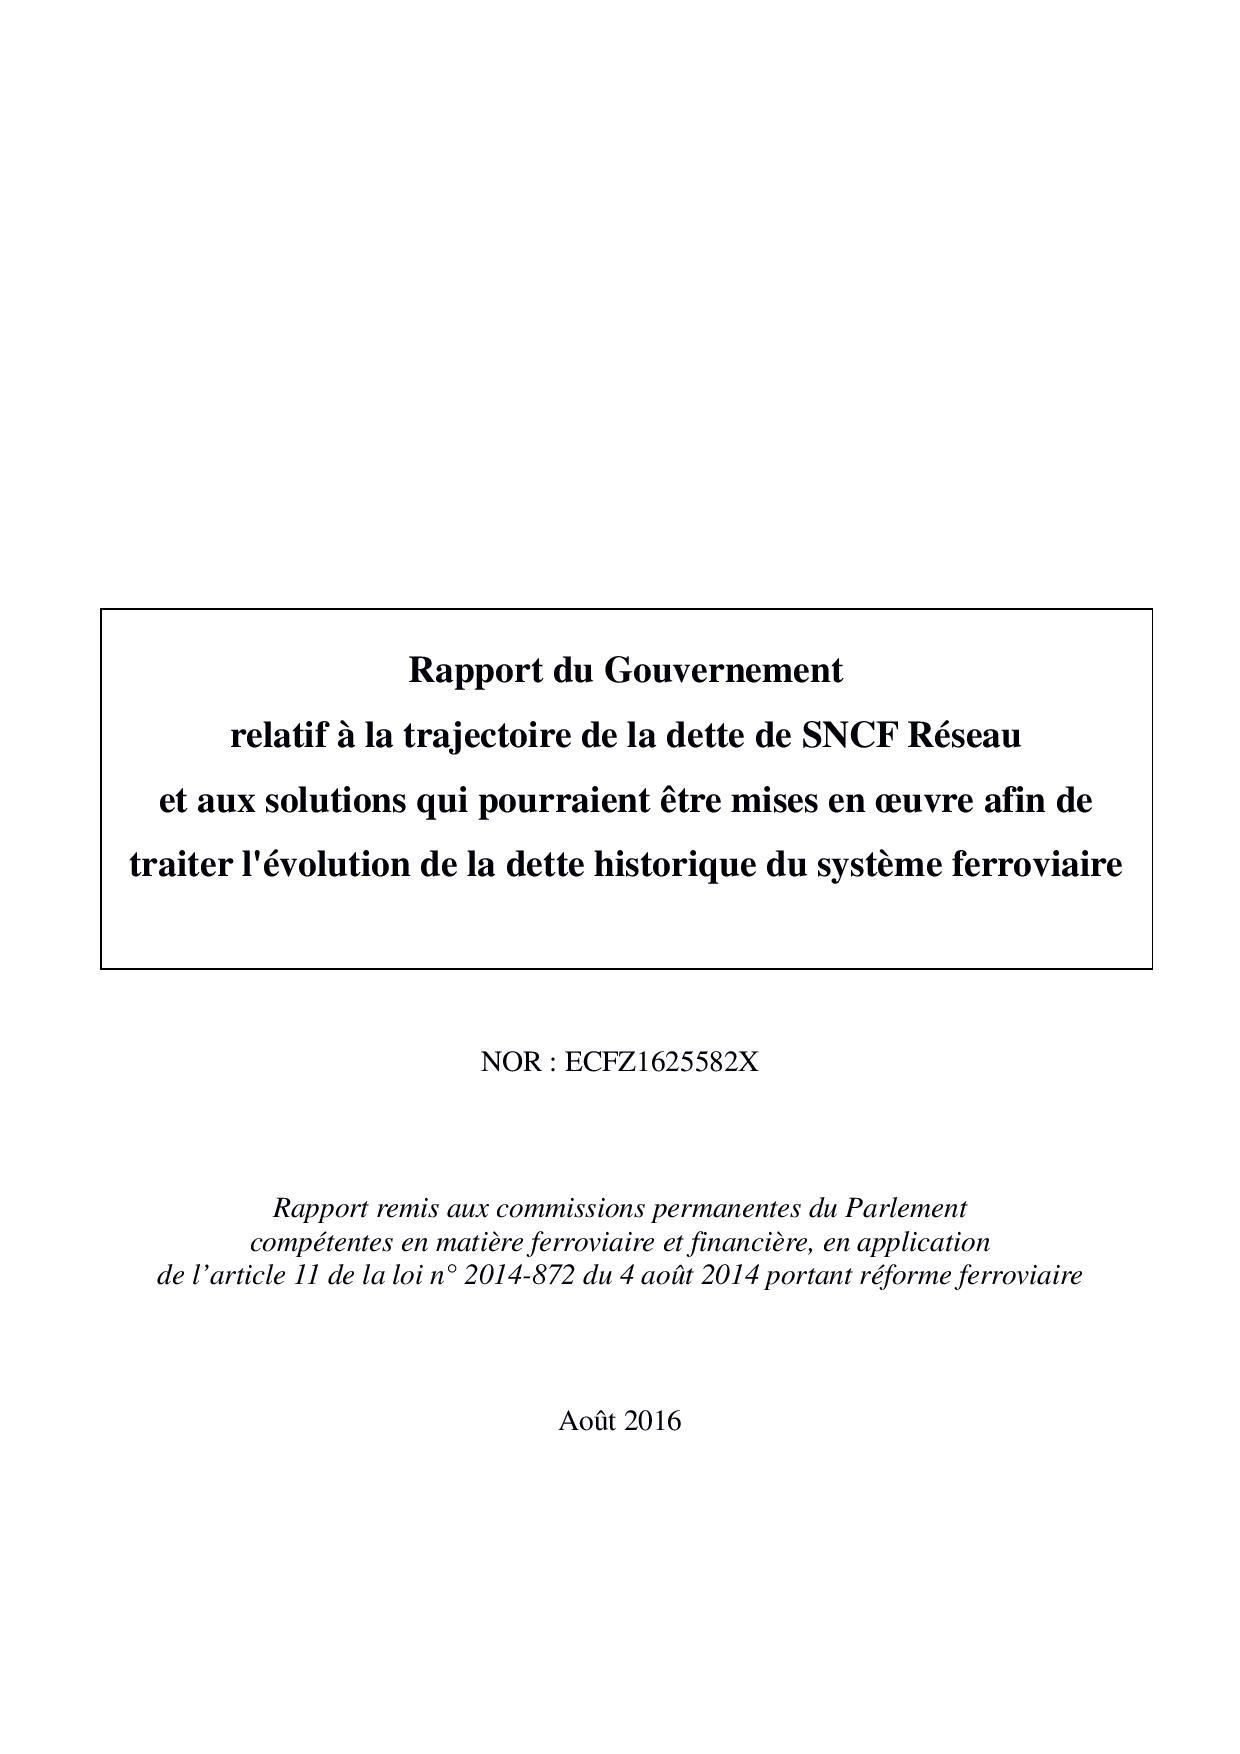 rapport-dette-sncf-reseau-08-2016-page-001